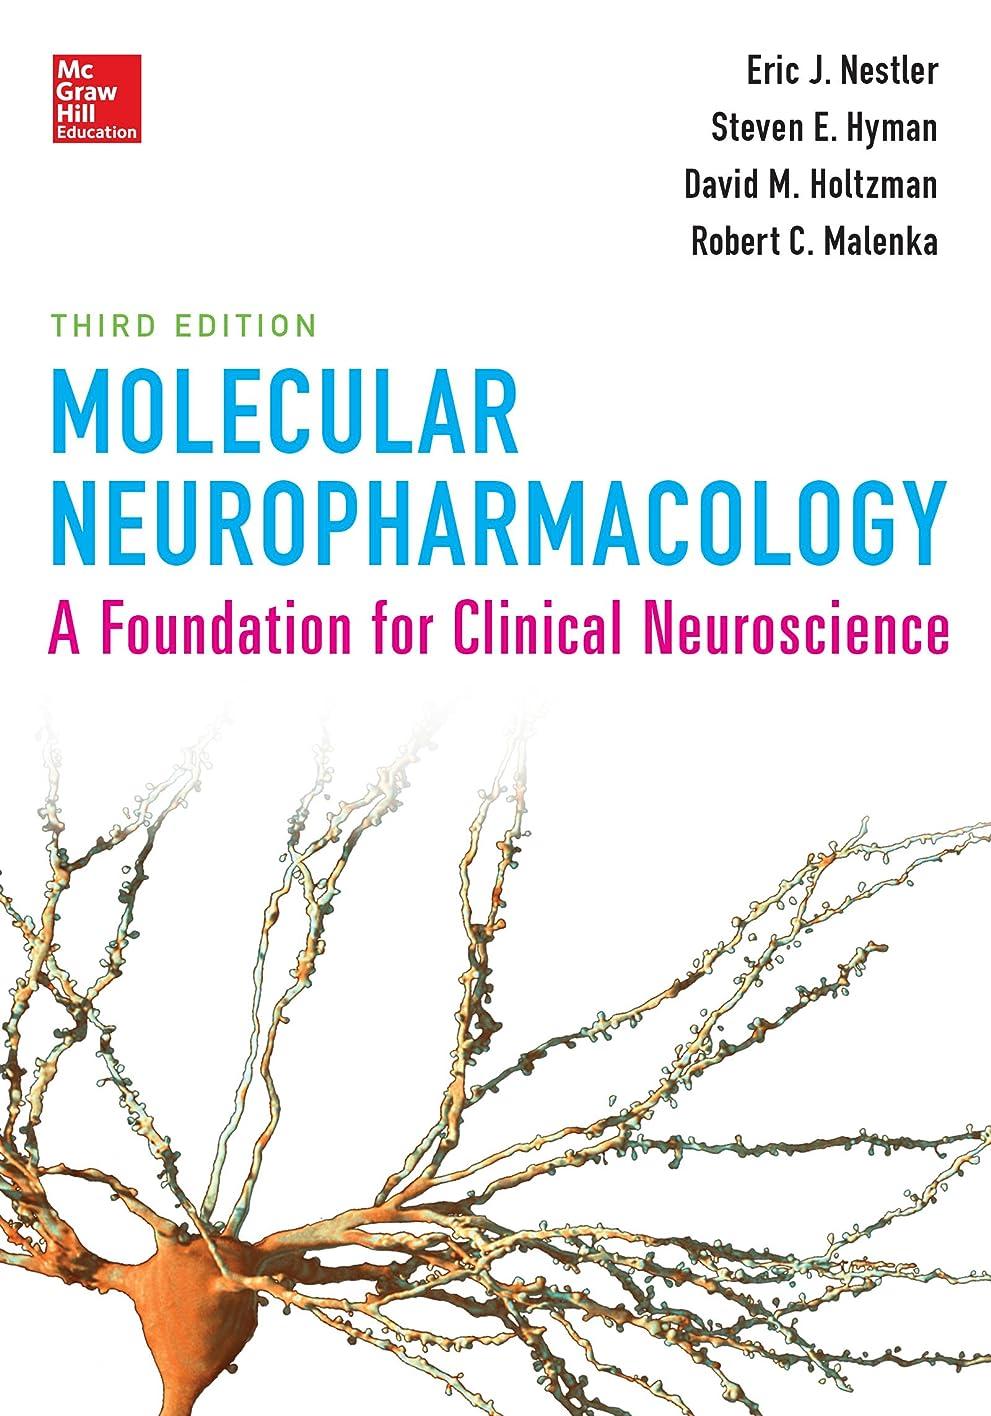 酸度気分が良い一緒Molecular Neuropharmacology: A Foundation for Clinical Neuroscience, Third Edition (English Edition)